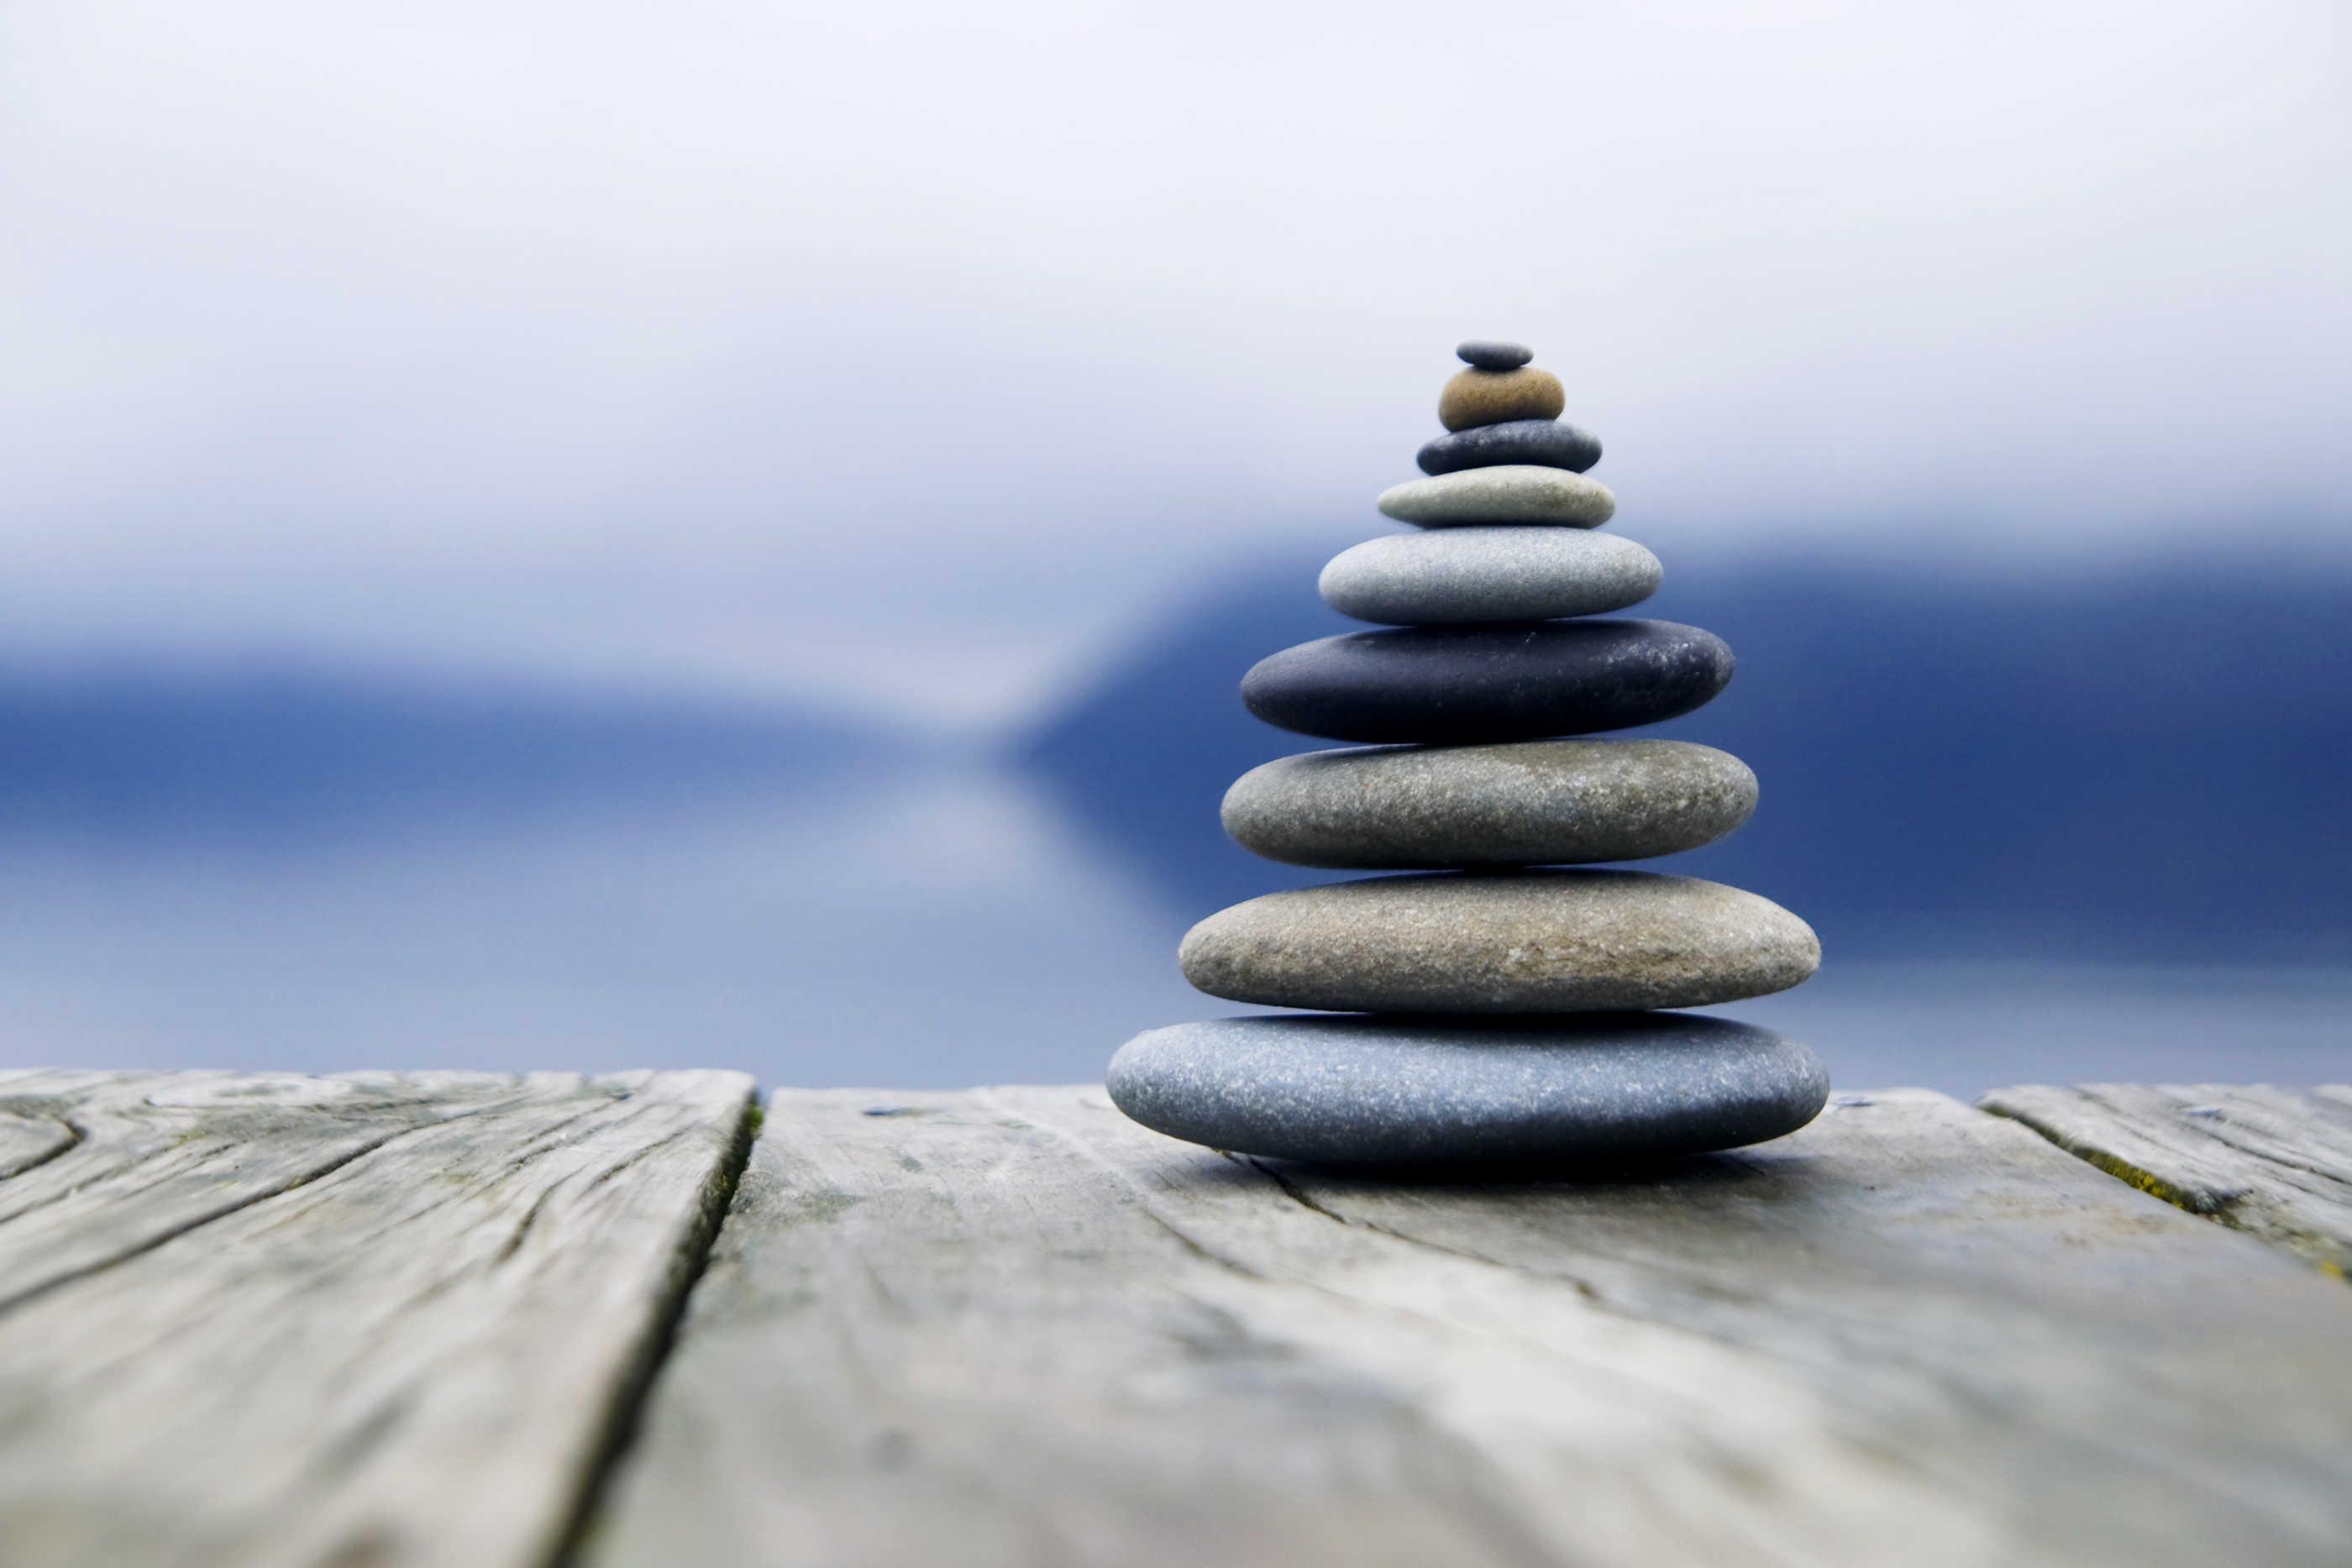 Zen Balancing Rocks o a Deck, New Zealand | Larry Berkelhammer